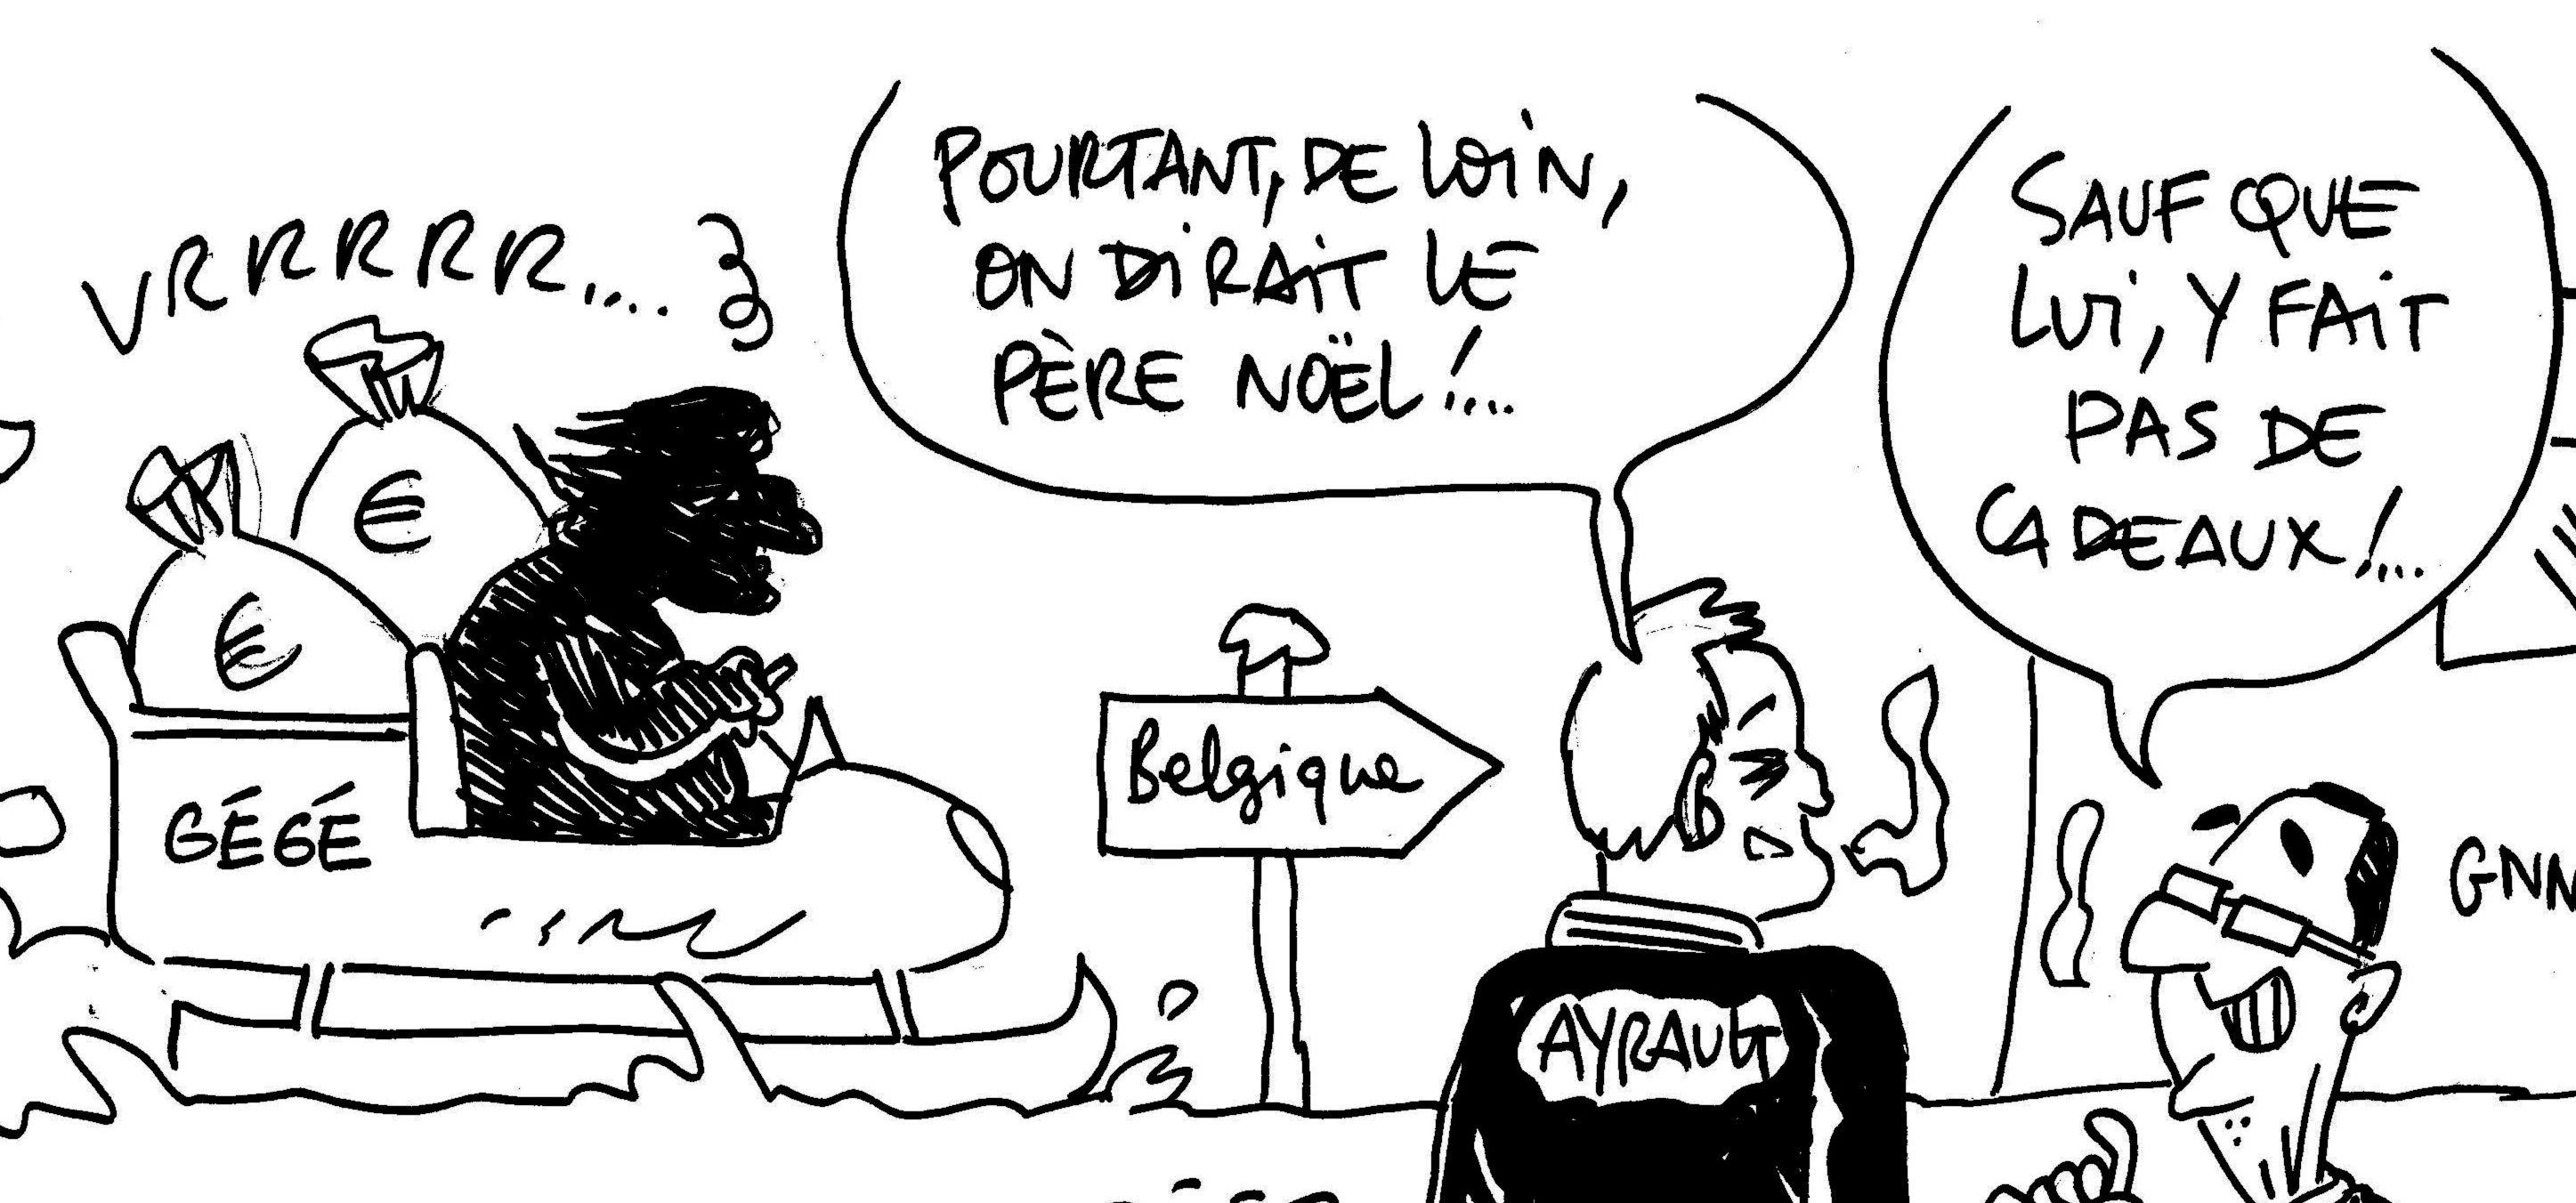 Les dessins de M'sieur L'Comte : Gégé (Depardieu), le Père Noël belge